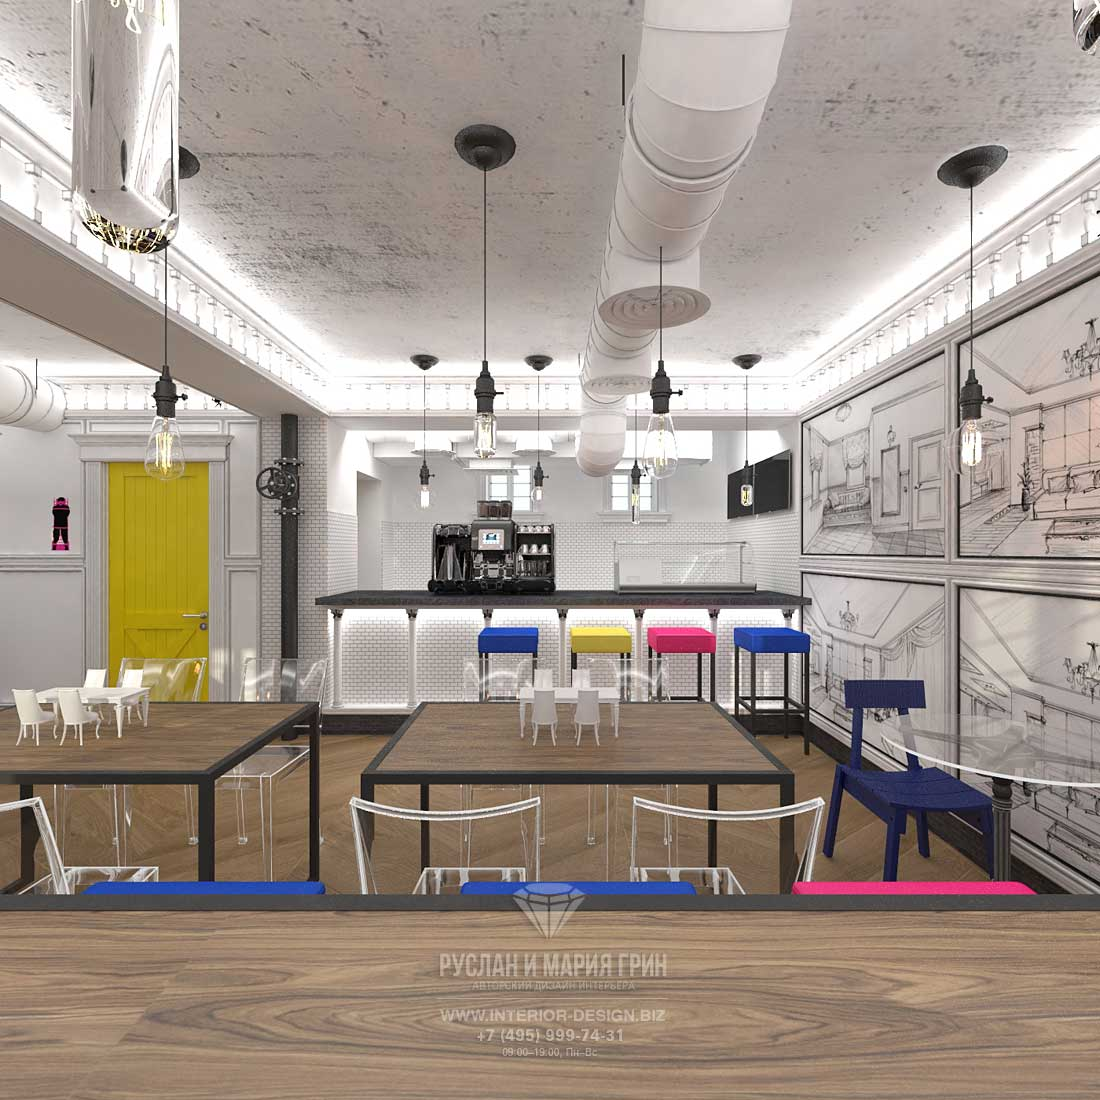 Дизайн интерьера бара «Киану» в Москве на Патриарших прудах